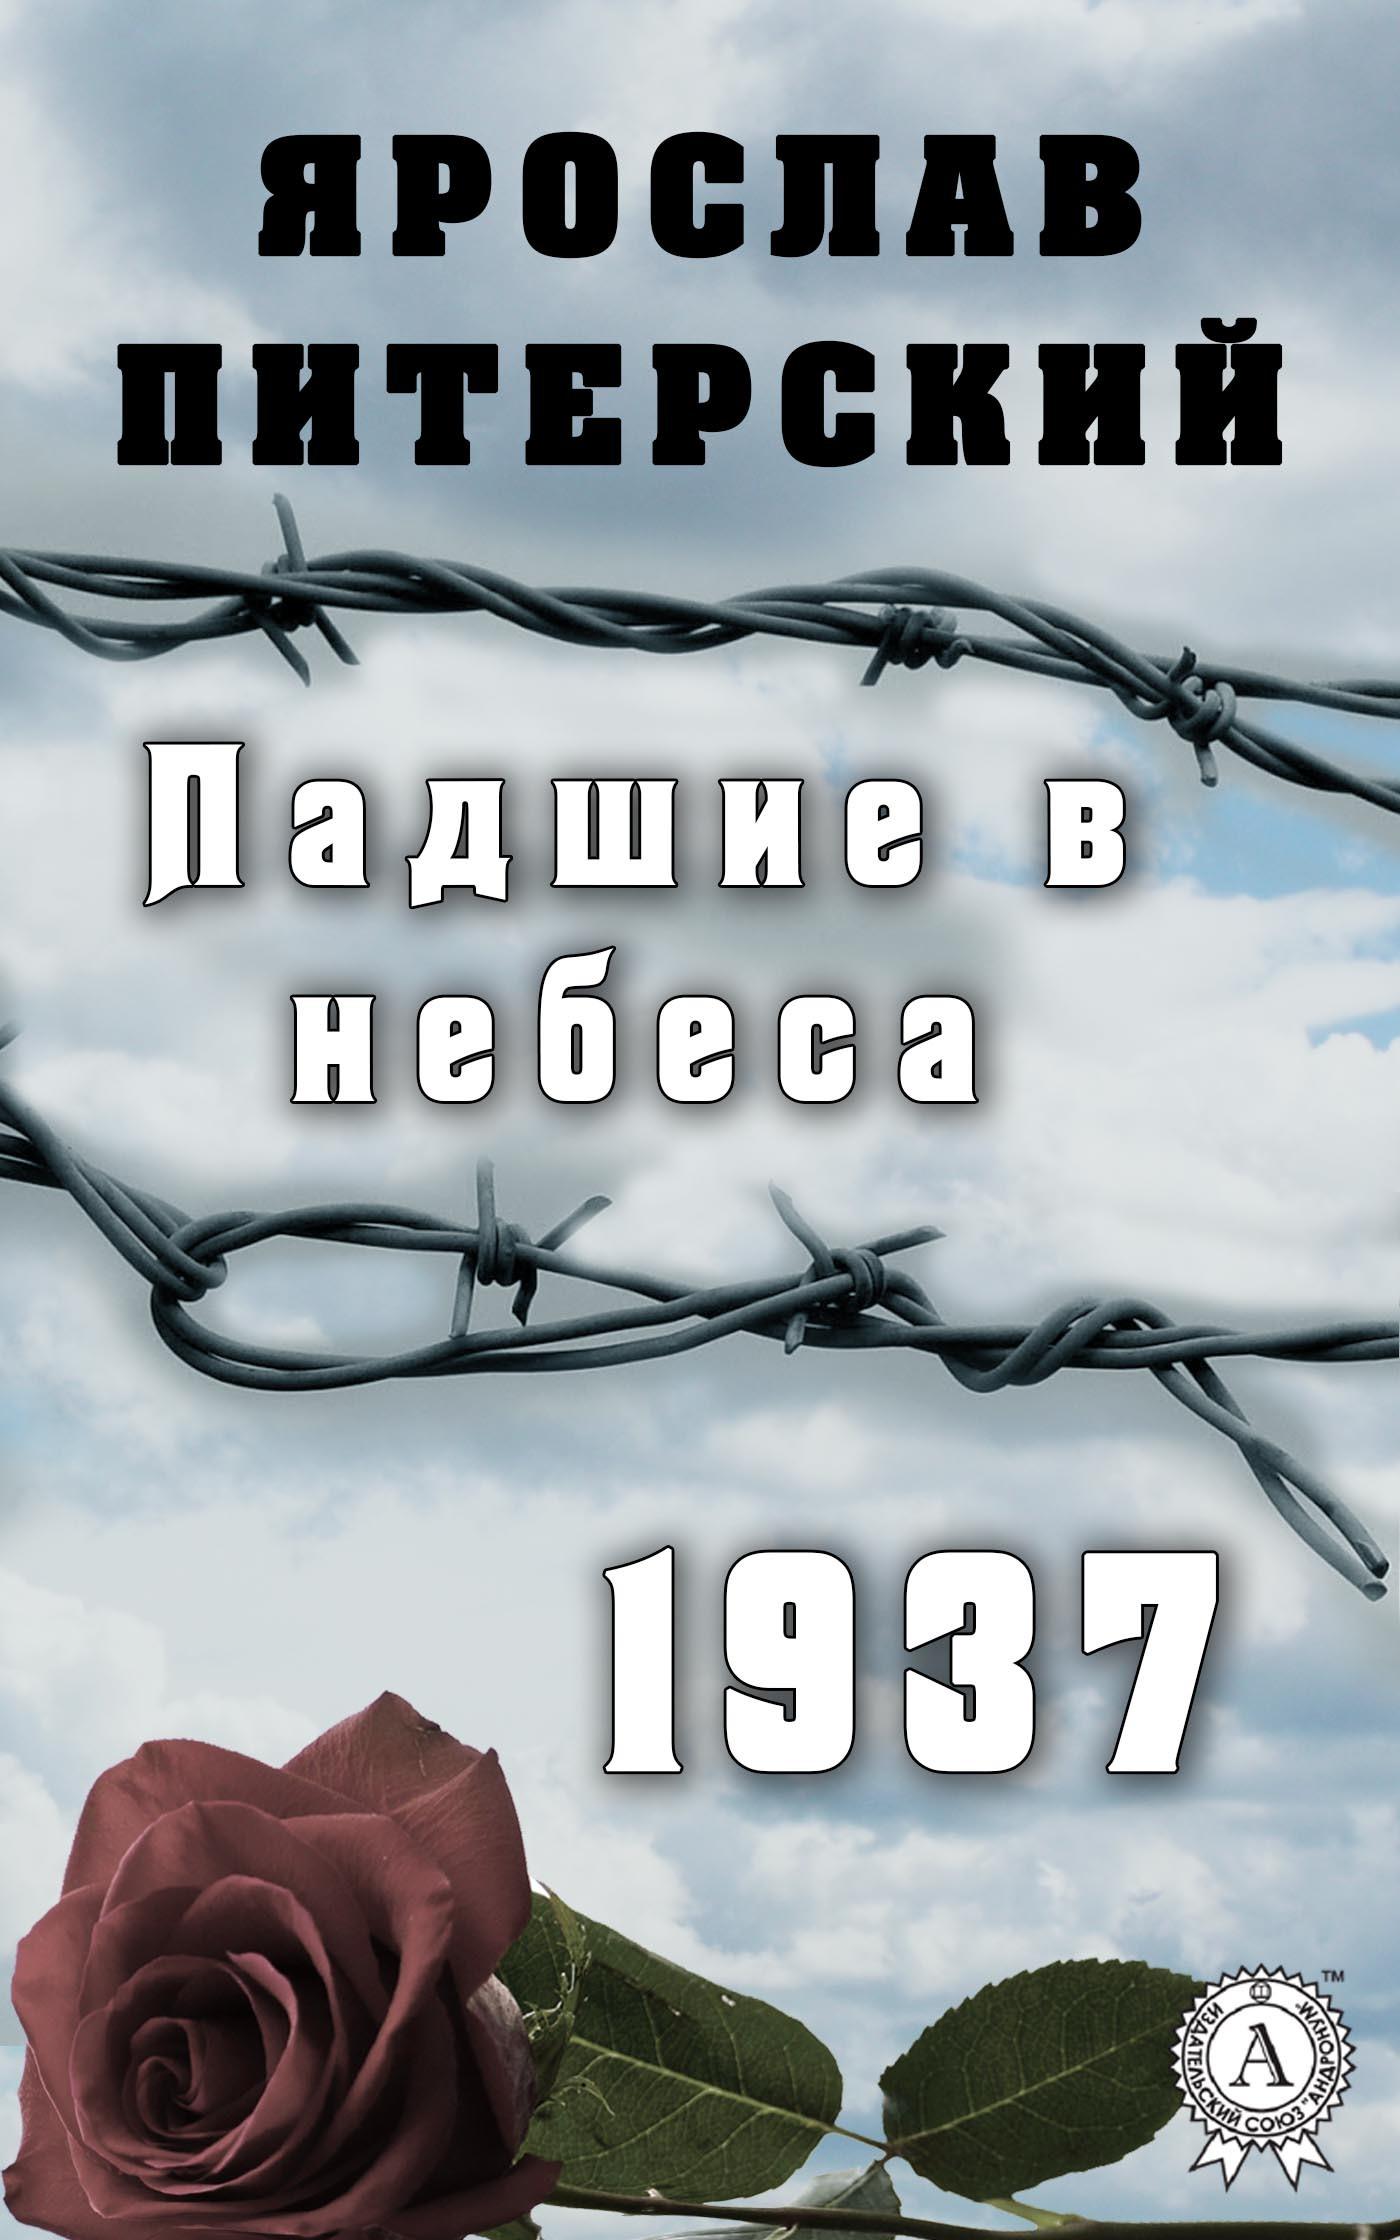 Ярослав Питерский Падшие в небеса.1937 жуковский в там небеса и воды ясны